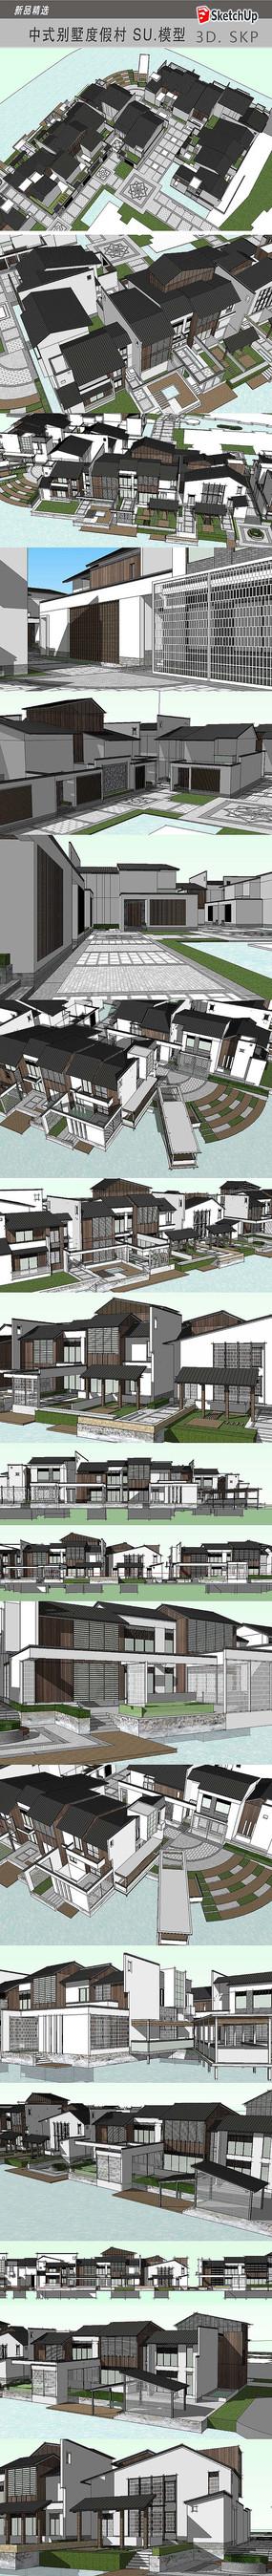 中式别墅度假村模型